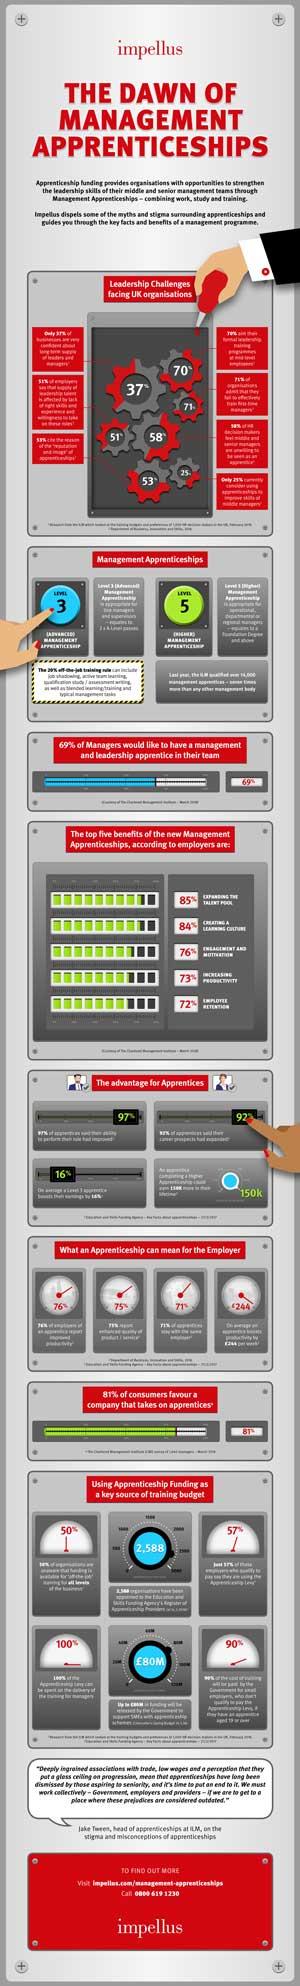 Impellus Management Apprenticeship Infographic